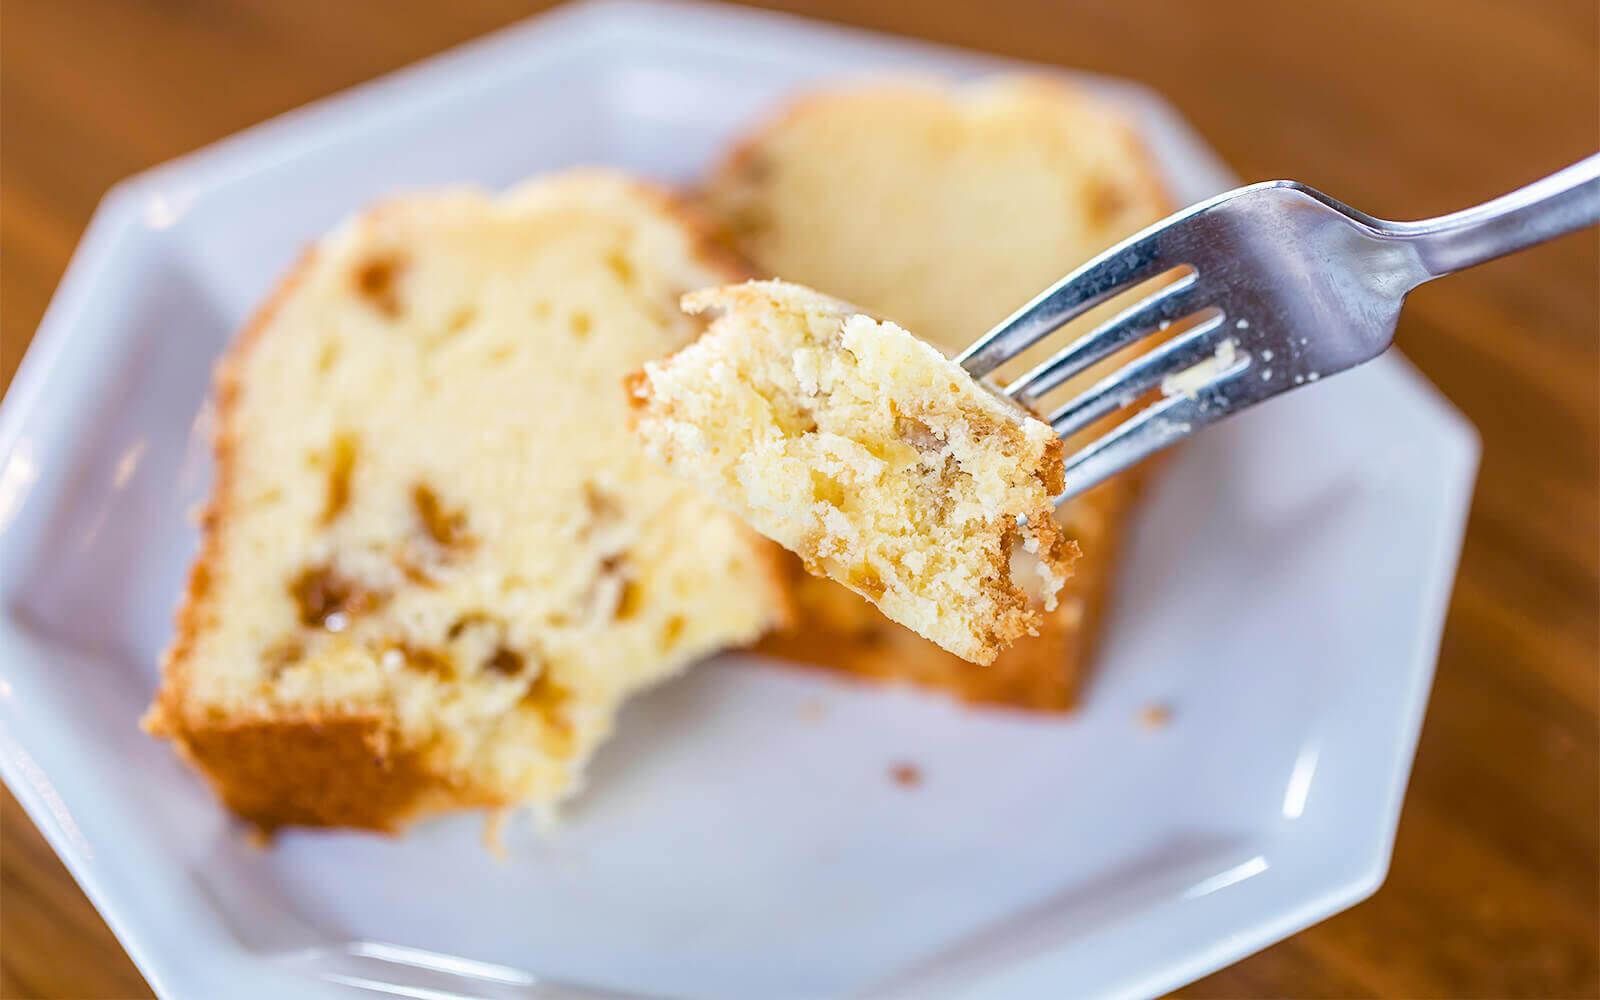 シラヌイドライフルーツを使ったパウンドケーキ イメージ